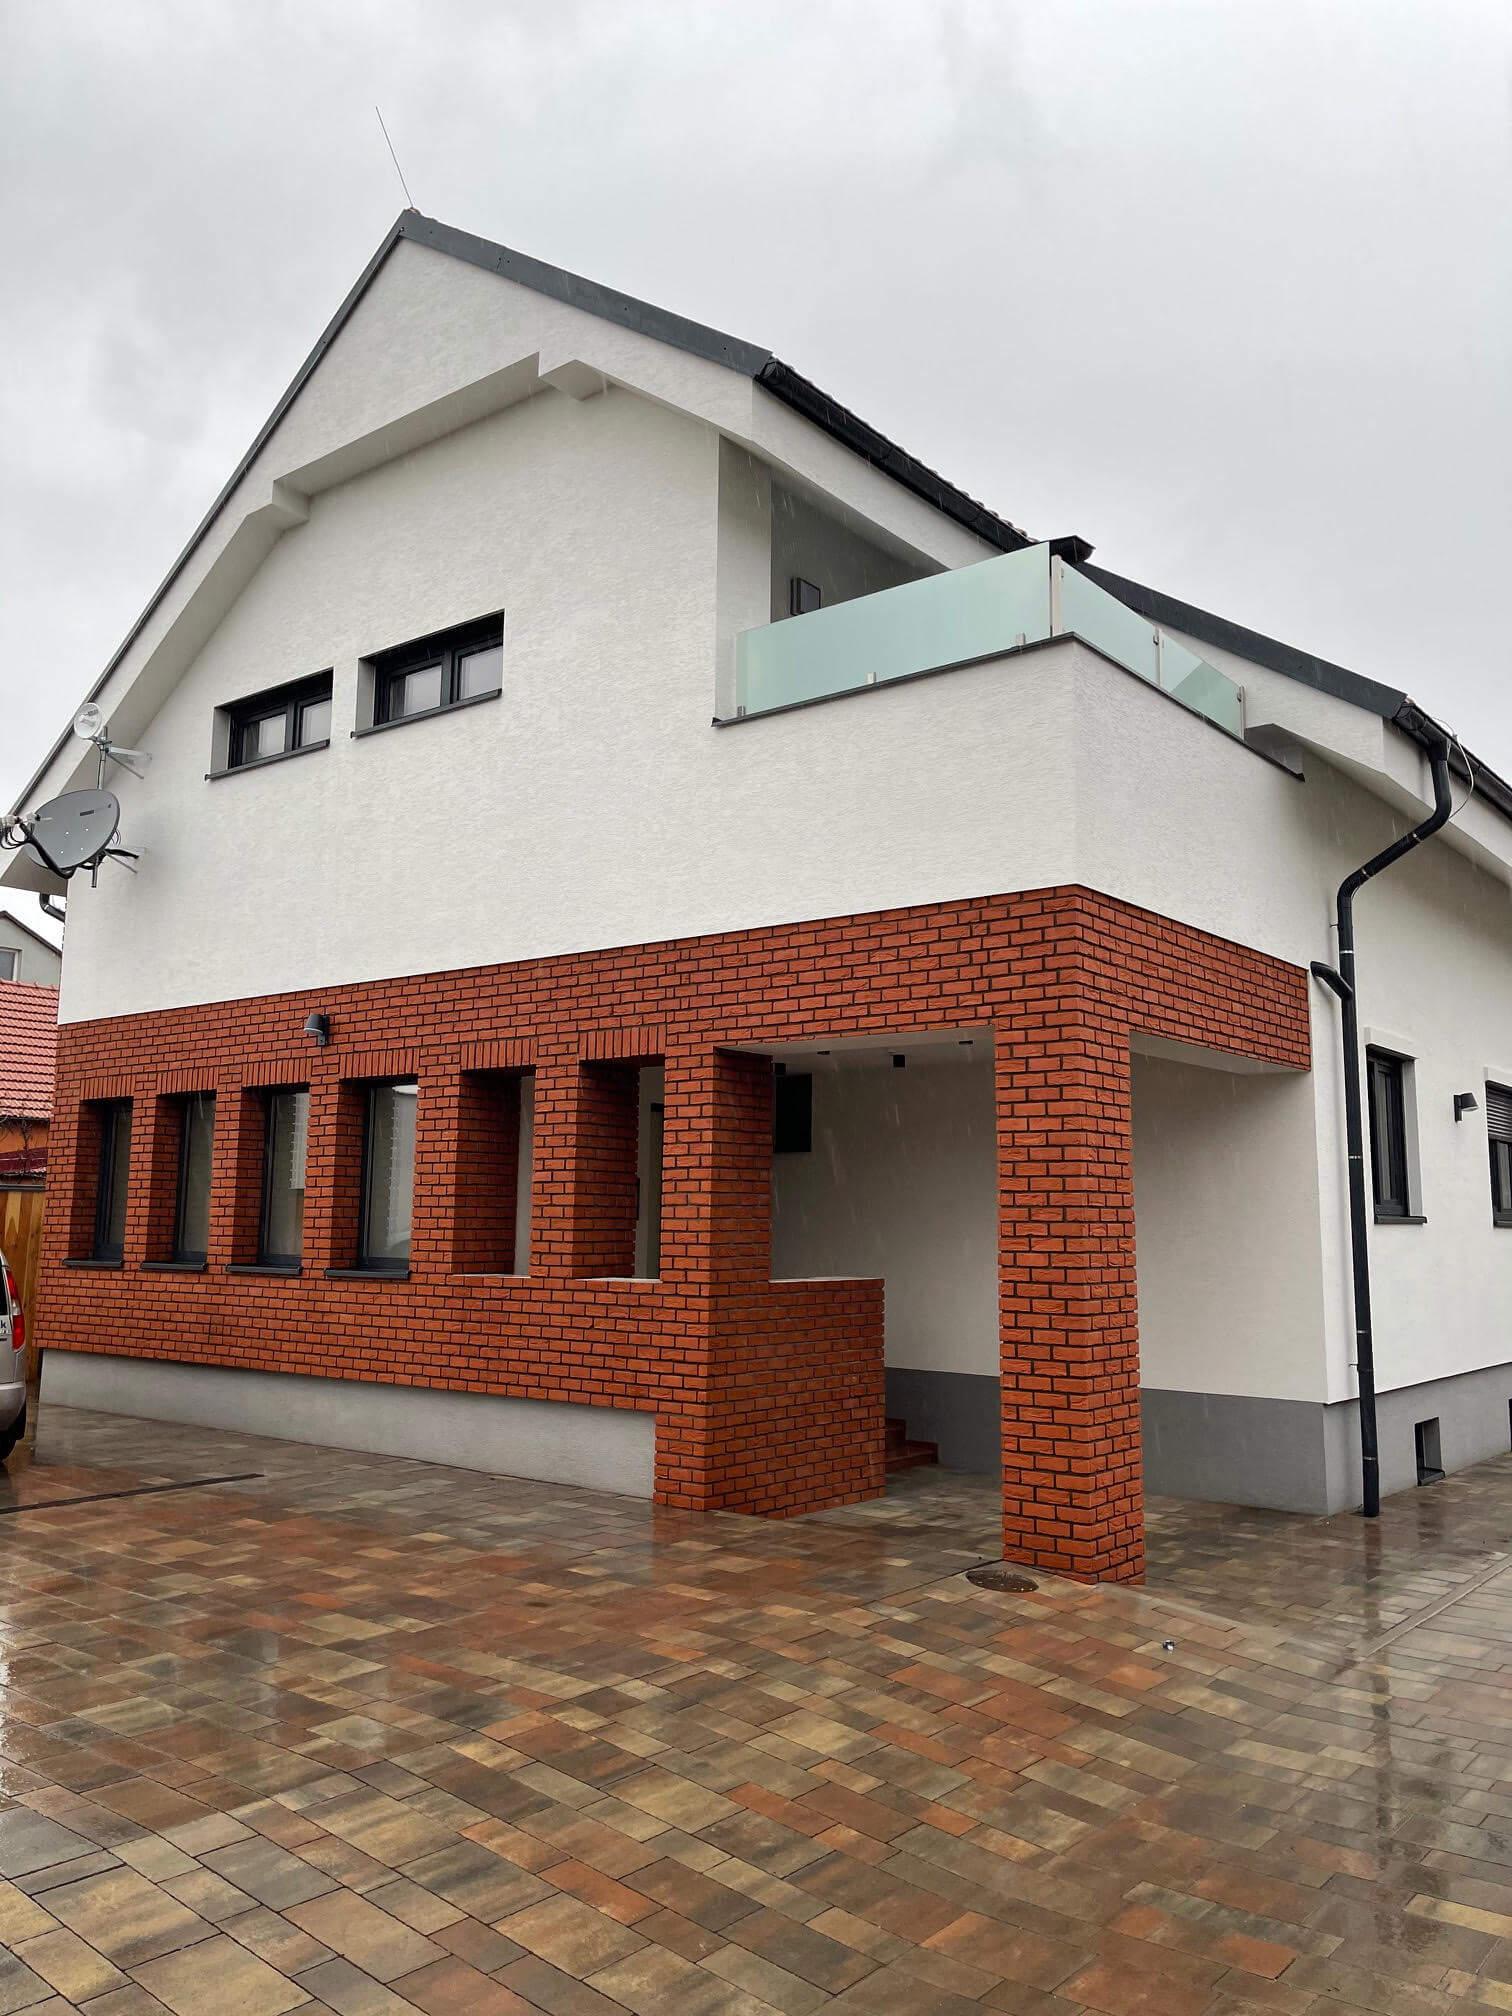 Na predaj novostavba, 2 izbový byt v Malackách, Kukučínová ulica,60m2, terasa 30m2, 2x parkovacie miesto-2